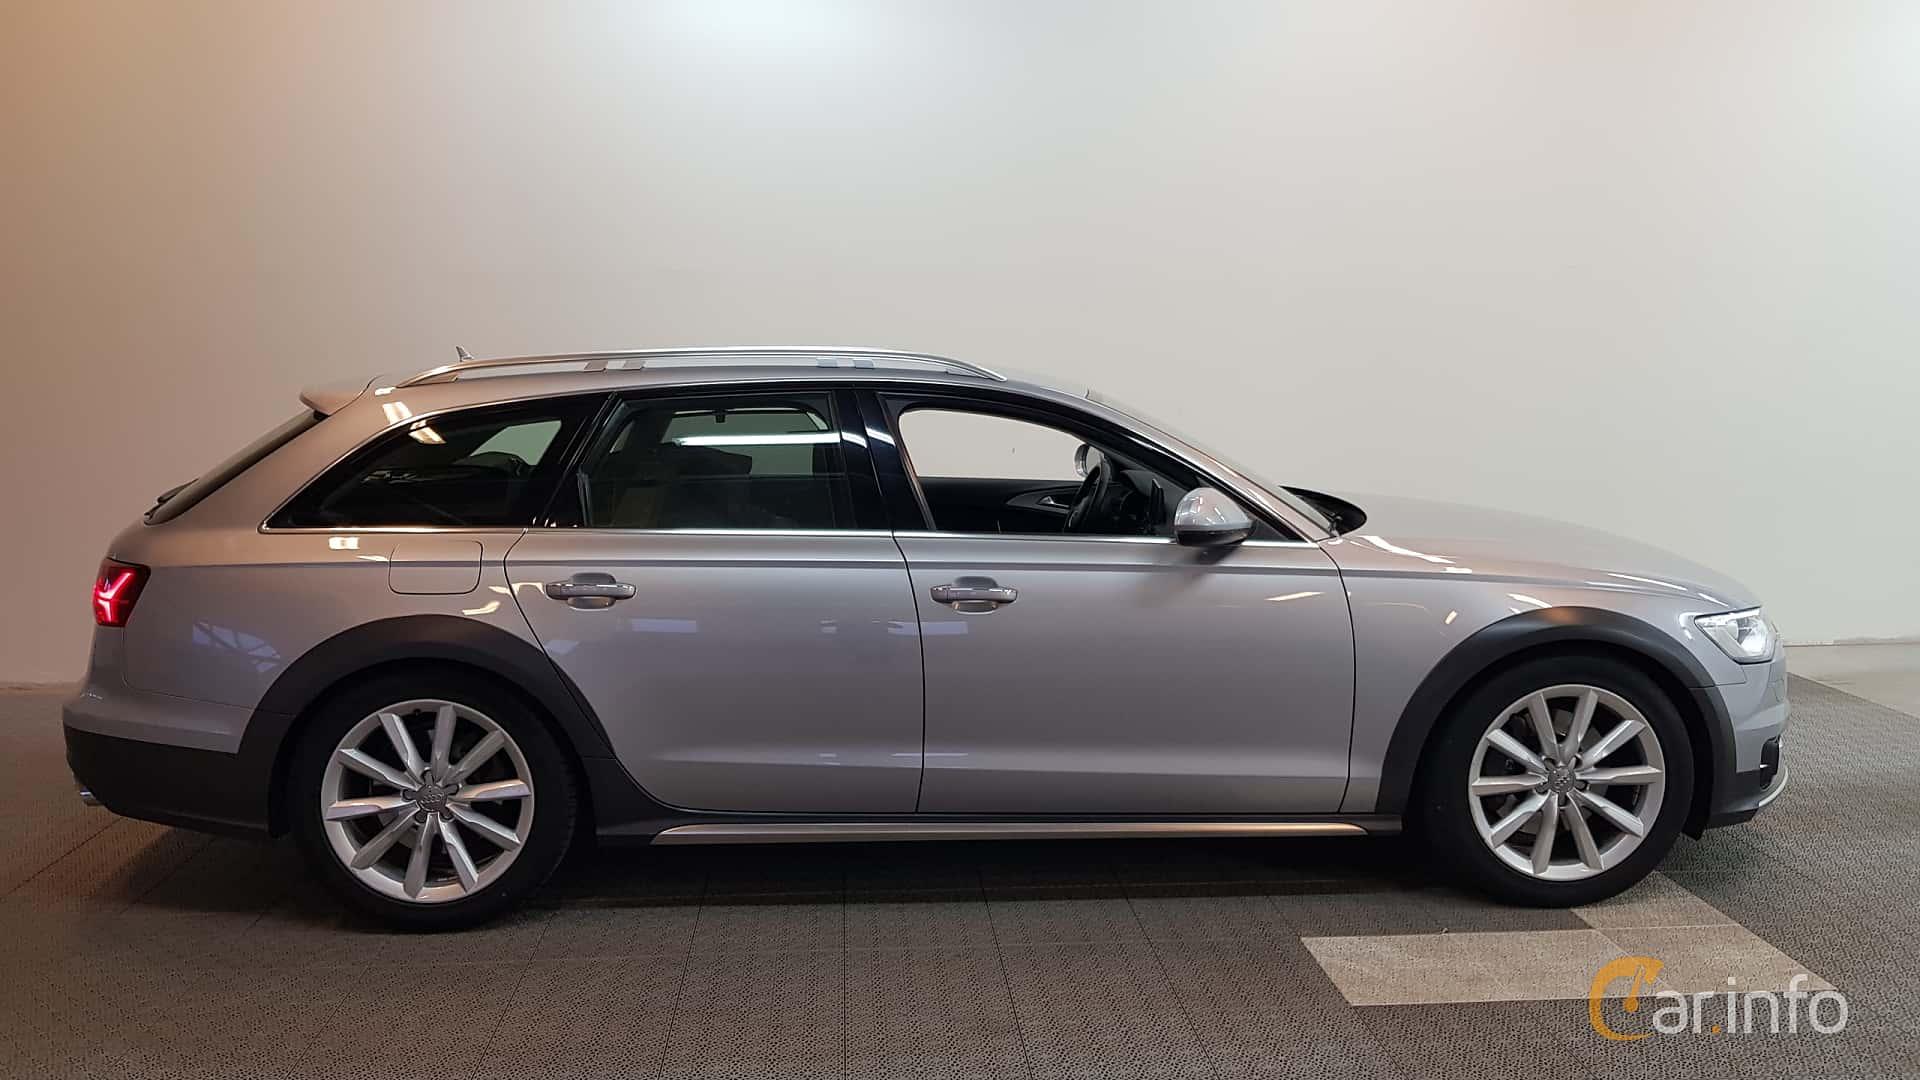 Audi a6 allroad quattro 2013, 3 литра, приветствую читателей отзывов на дроме и любителей неординарных автомобилей, дизель, балашиха, 4wd